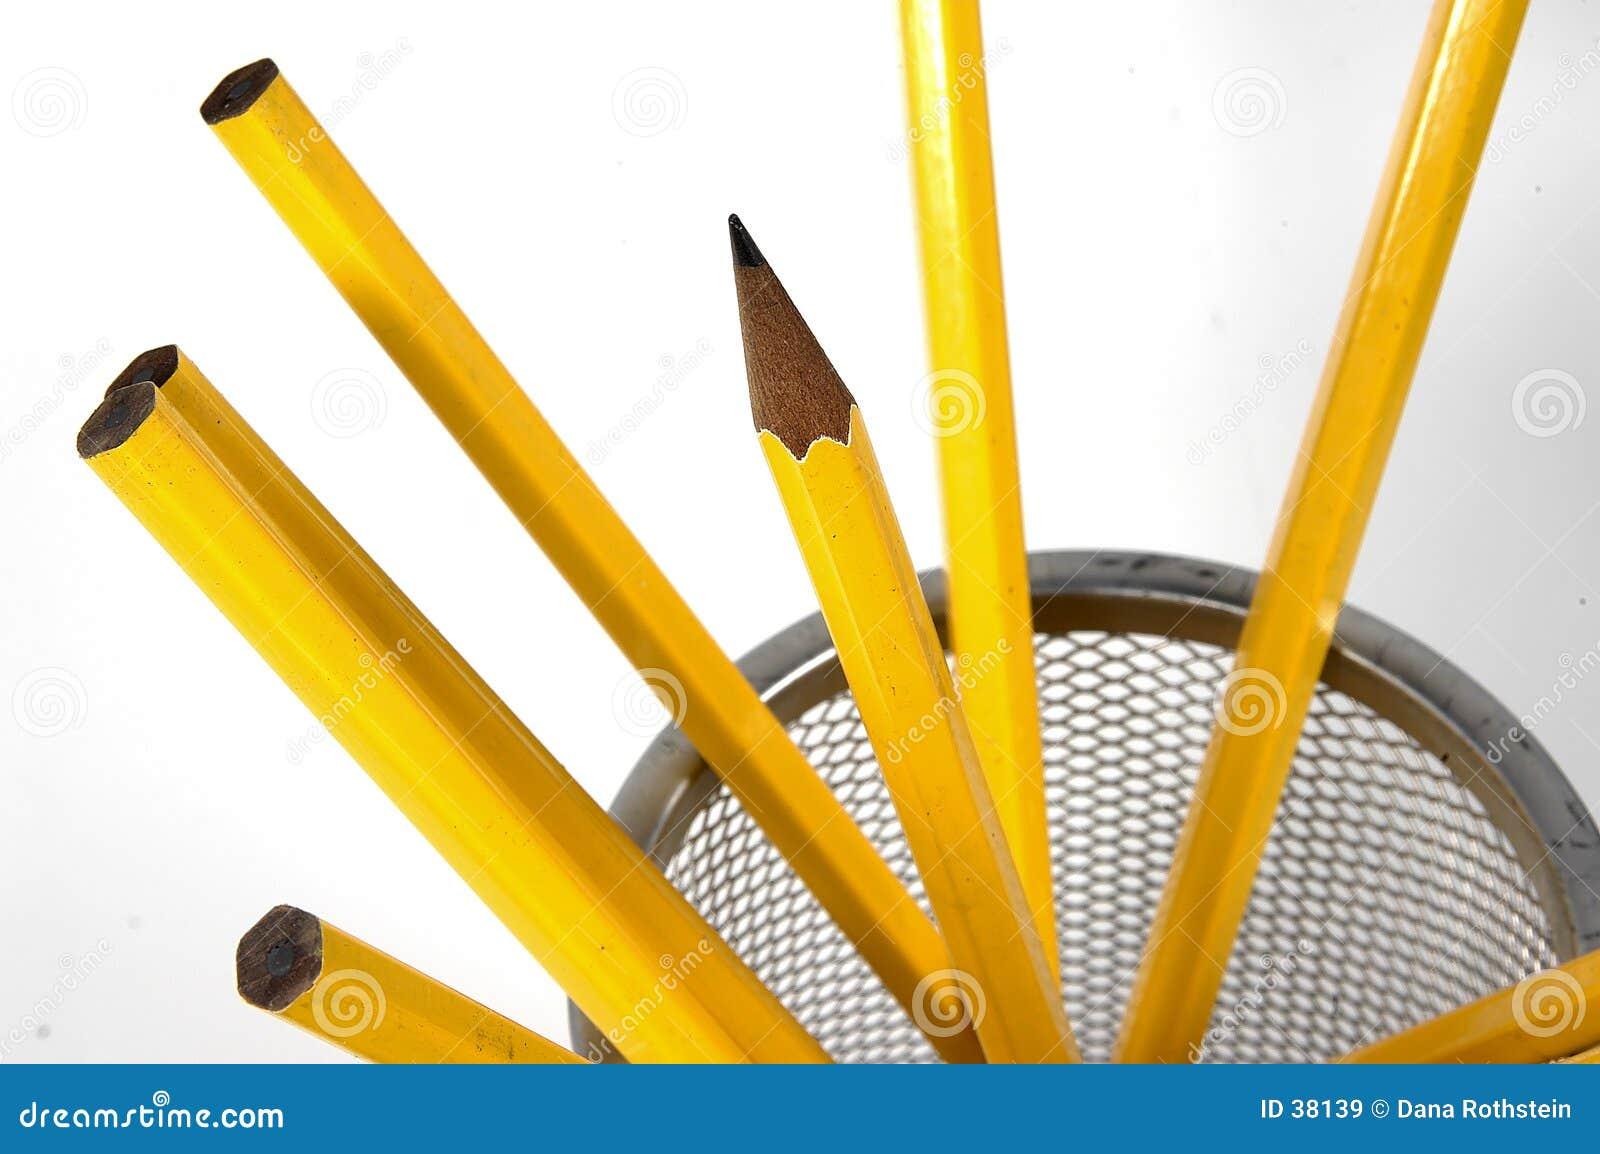 Pencils unsharpened